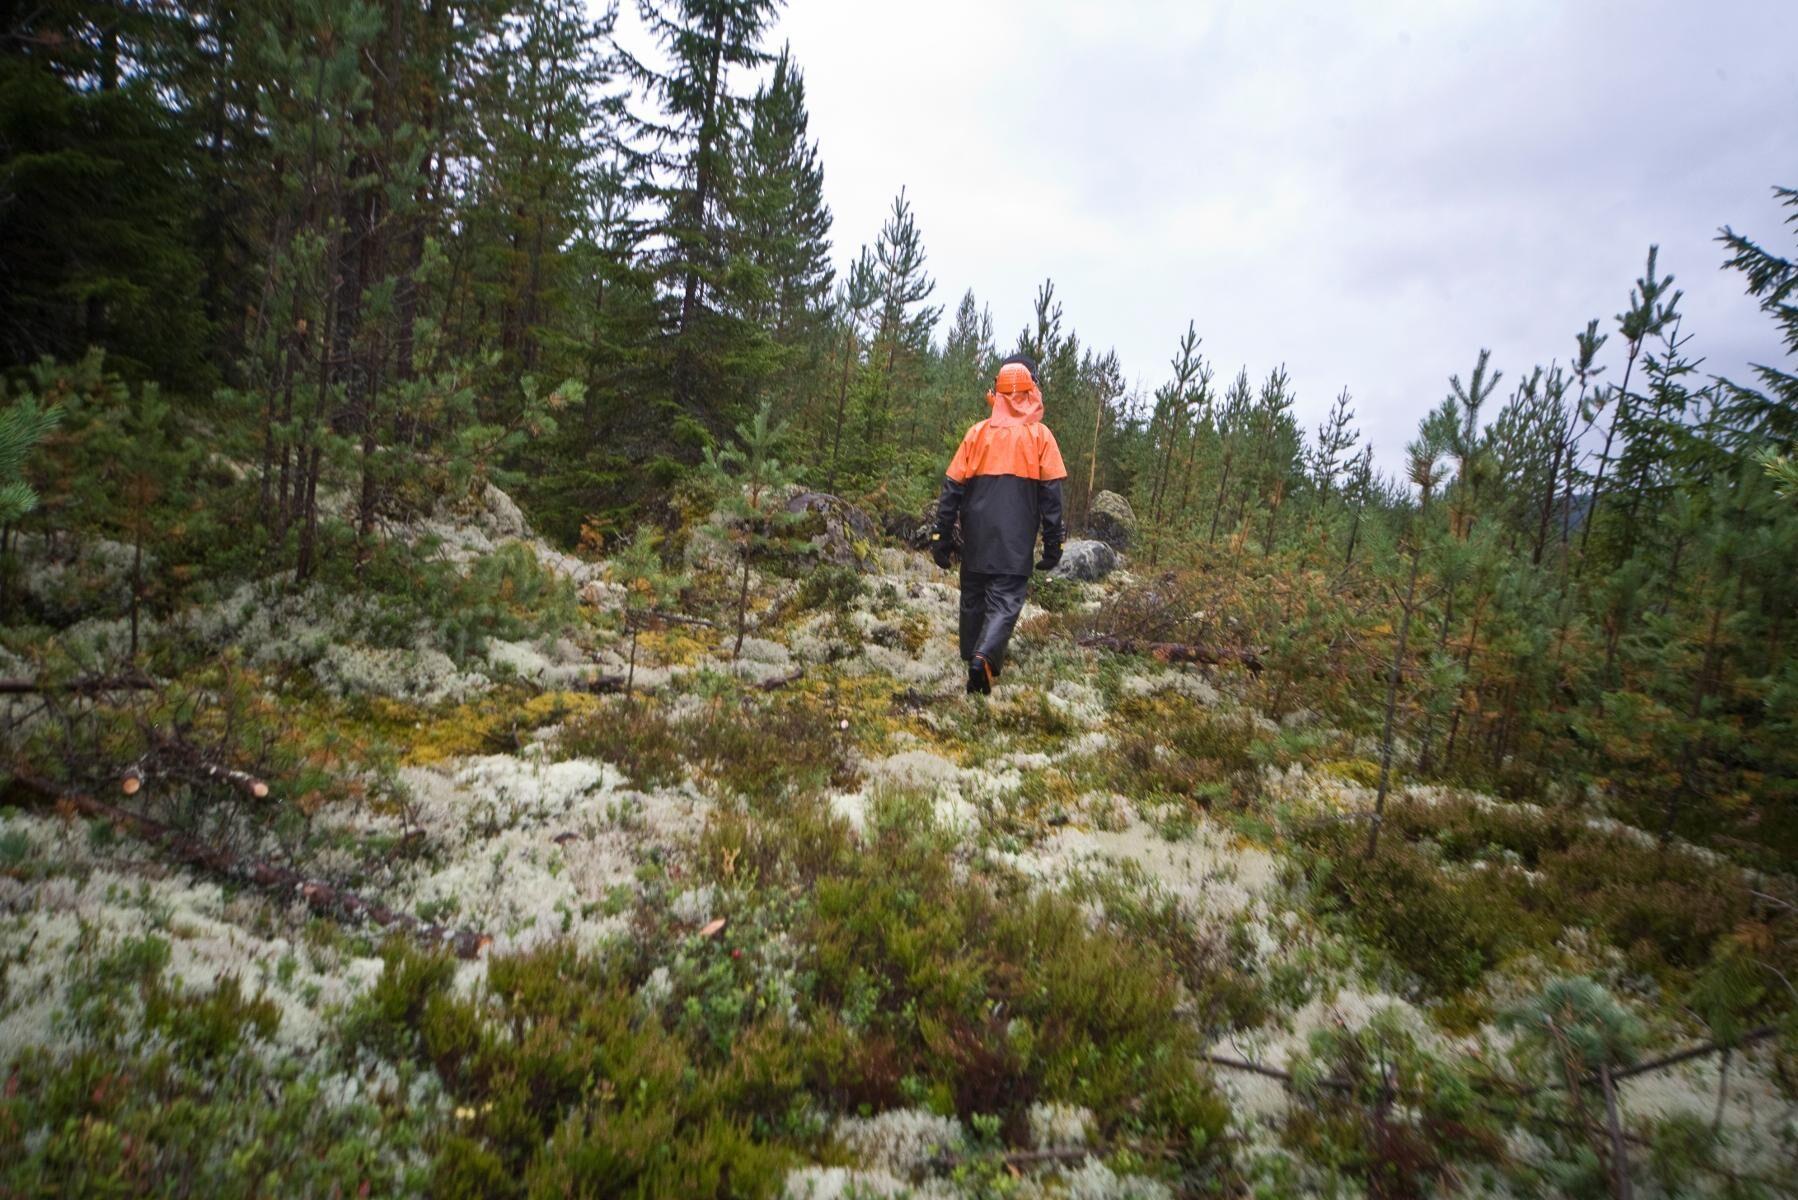 Hälften av alla skogsägare skulle investera i mer skog om de fick en miljon kronor, visar årets Skogsbarometer.